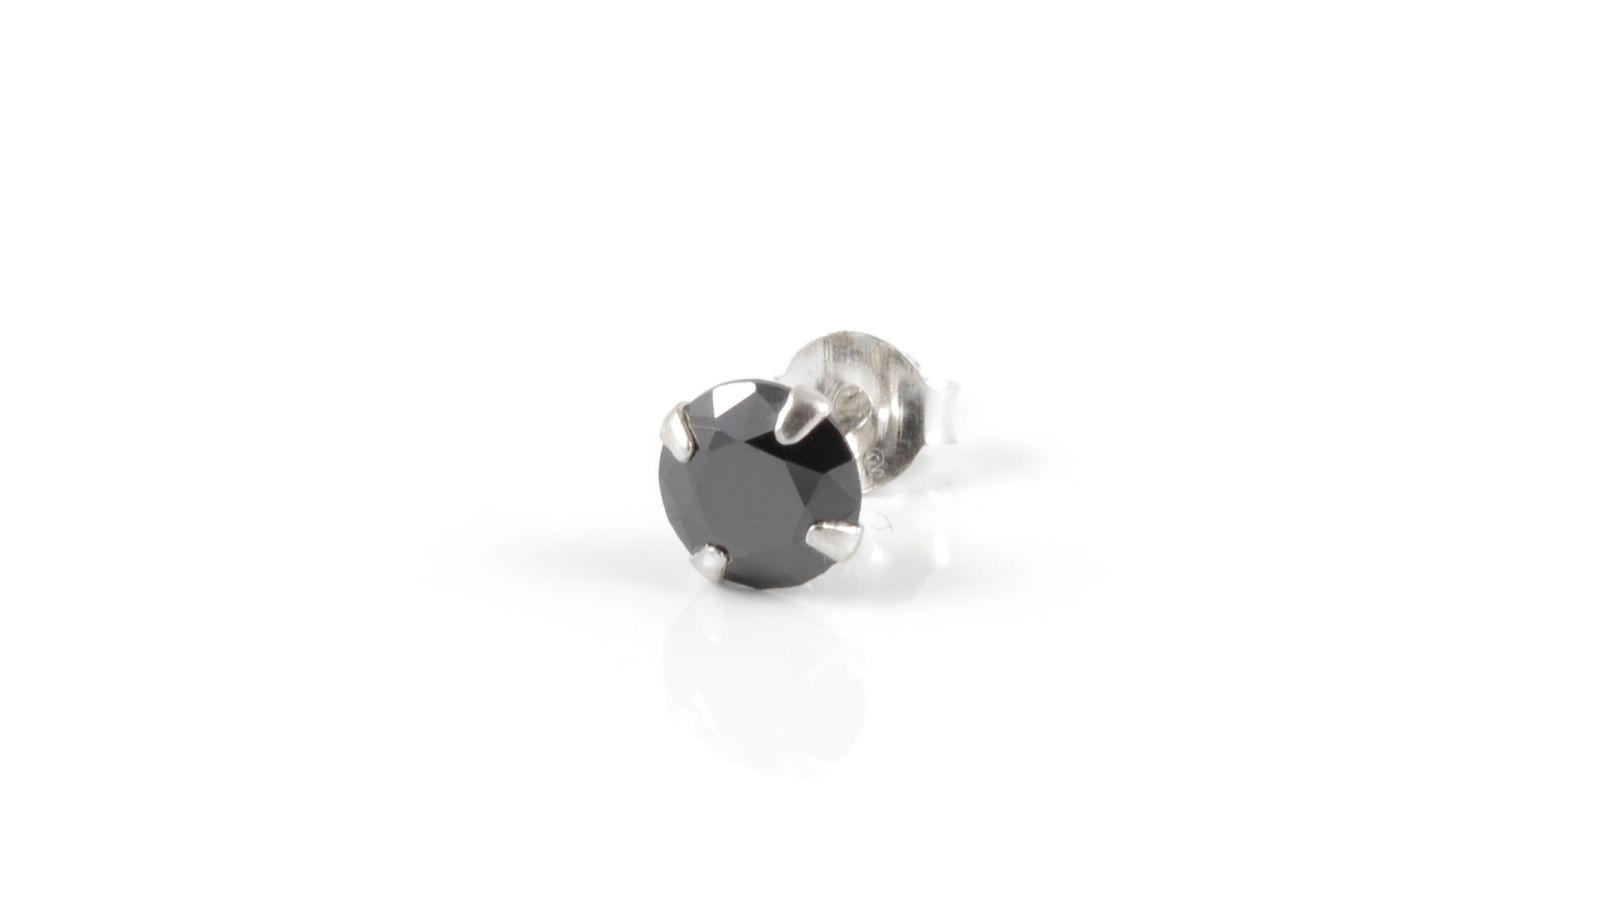 Boucle d 39 oreille ronde en oxyde de zirconium noir port gratuit fort tempus - Trend corner frais de port gratuit ...